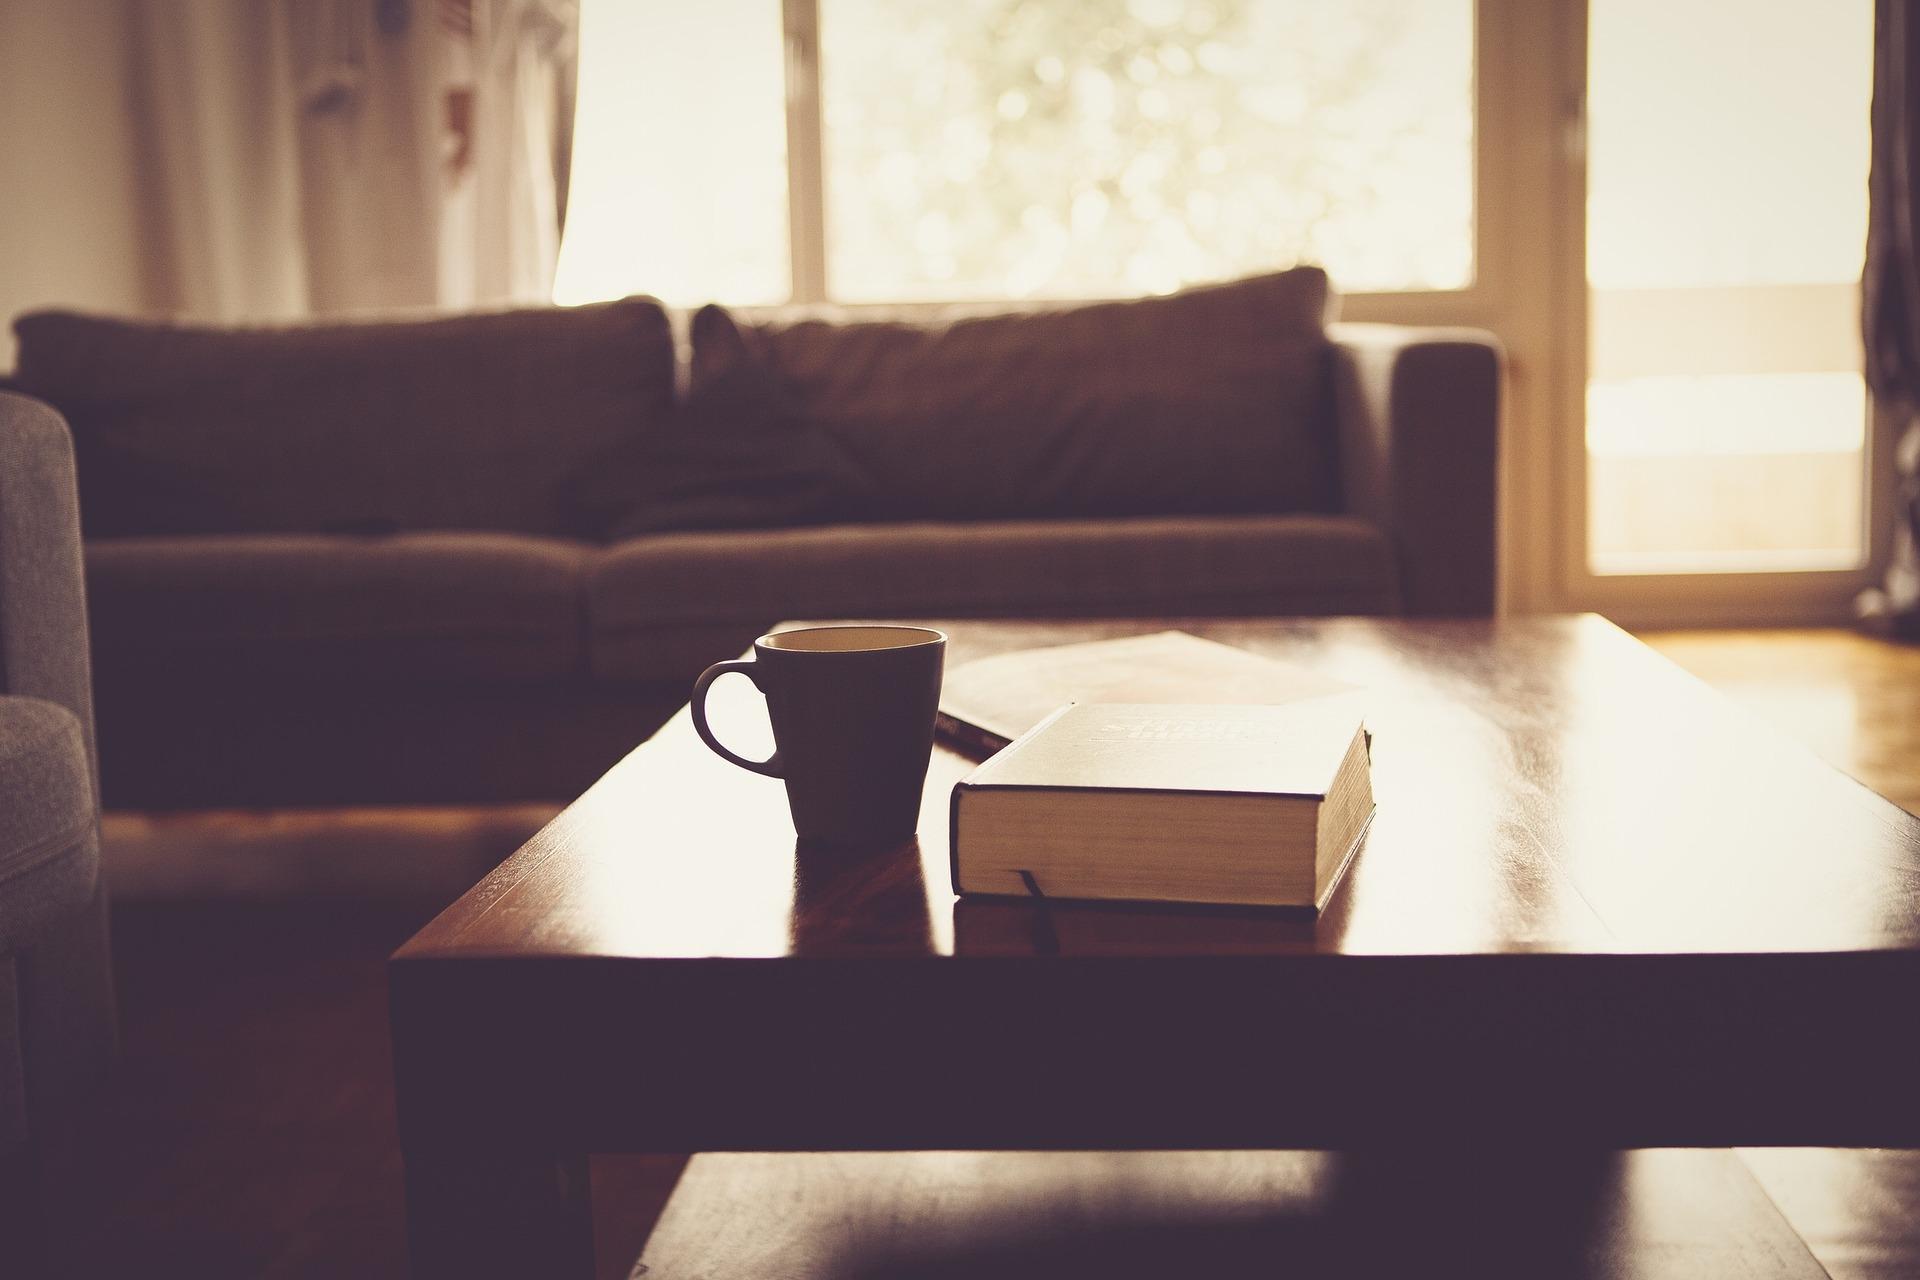 Útulný obývák v paneláku? 4 oblasti, na které se musíte soustředit